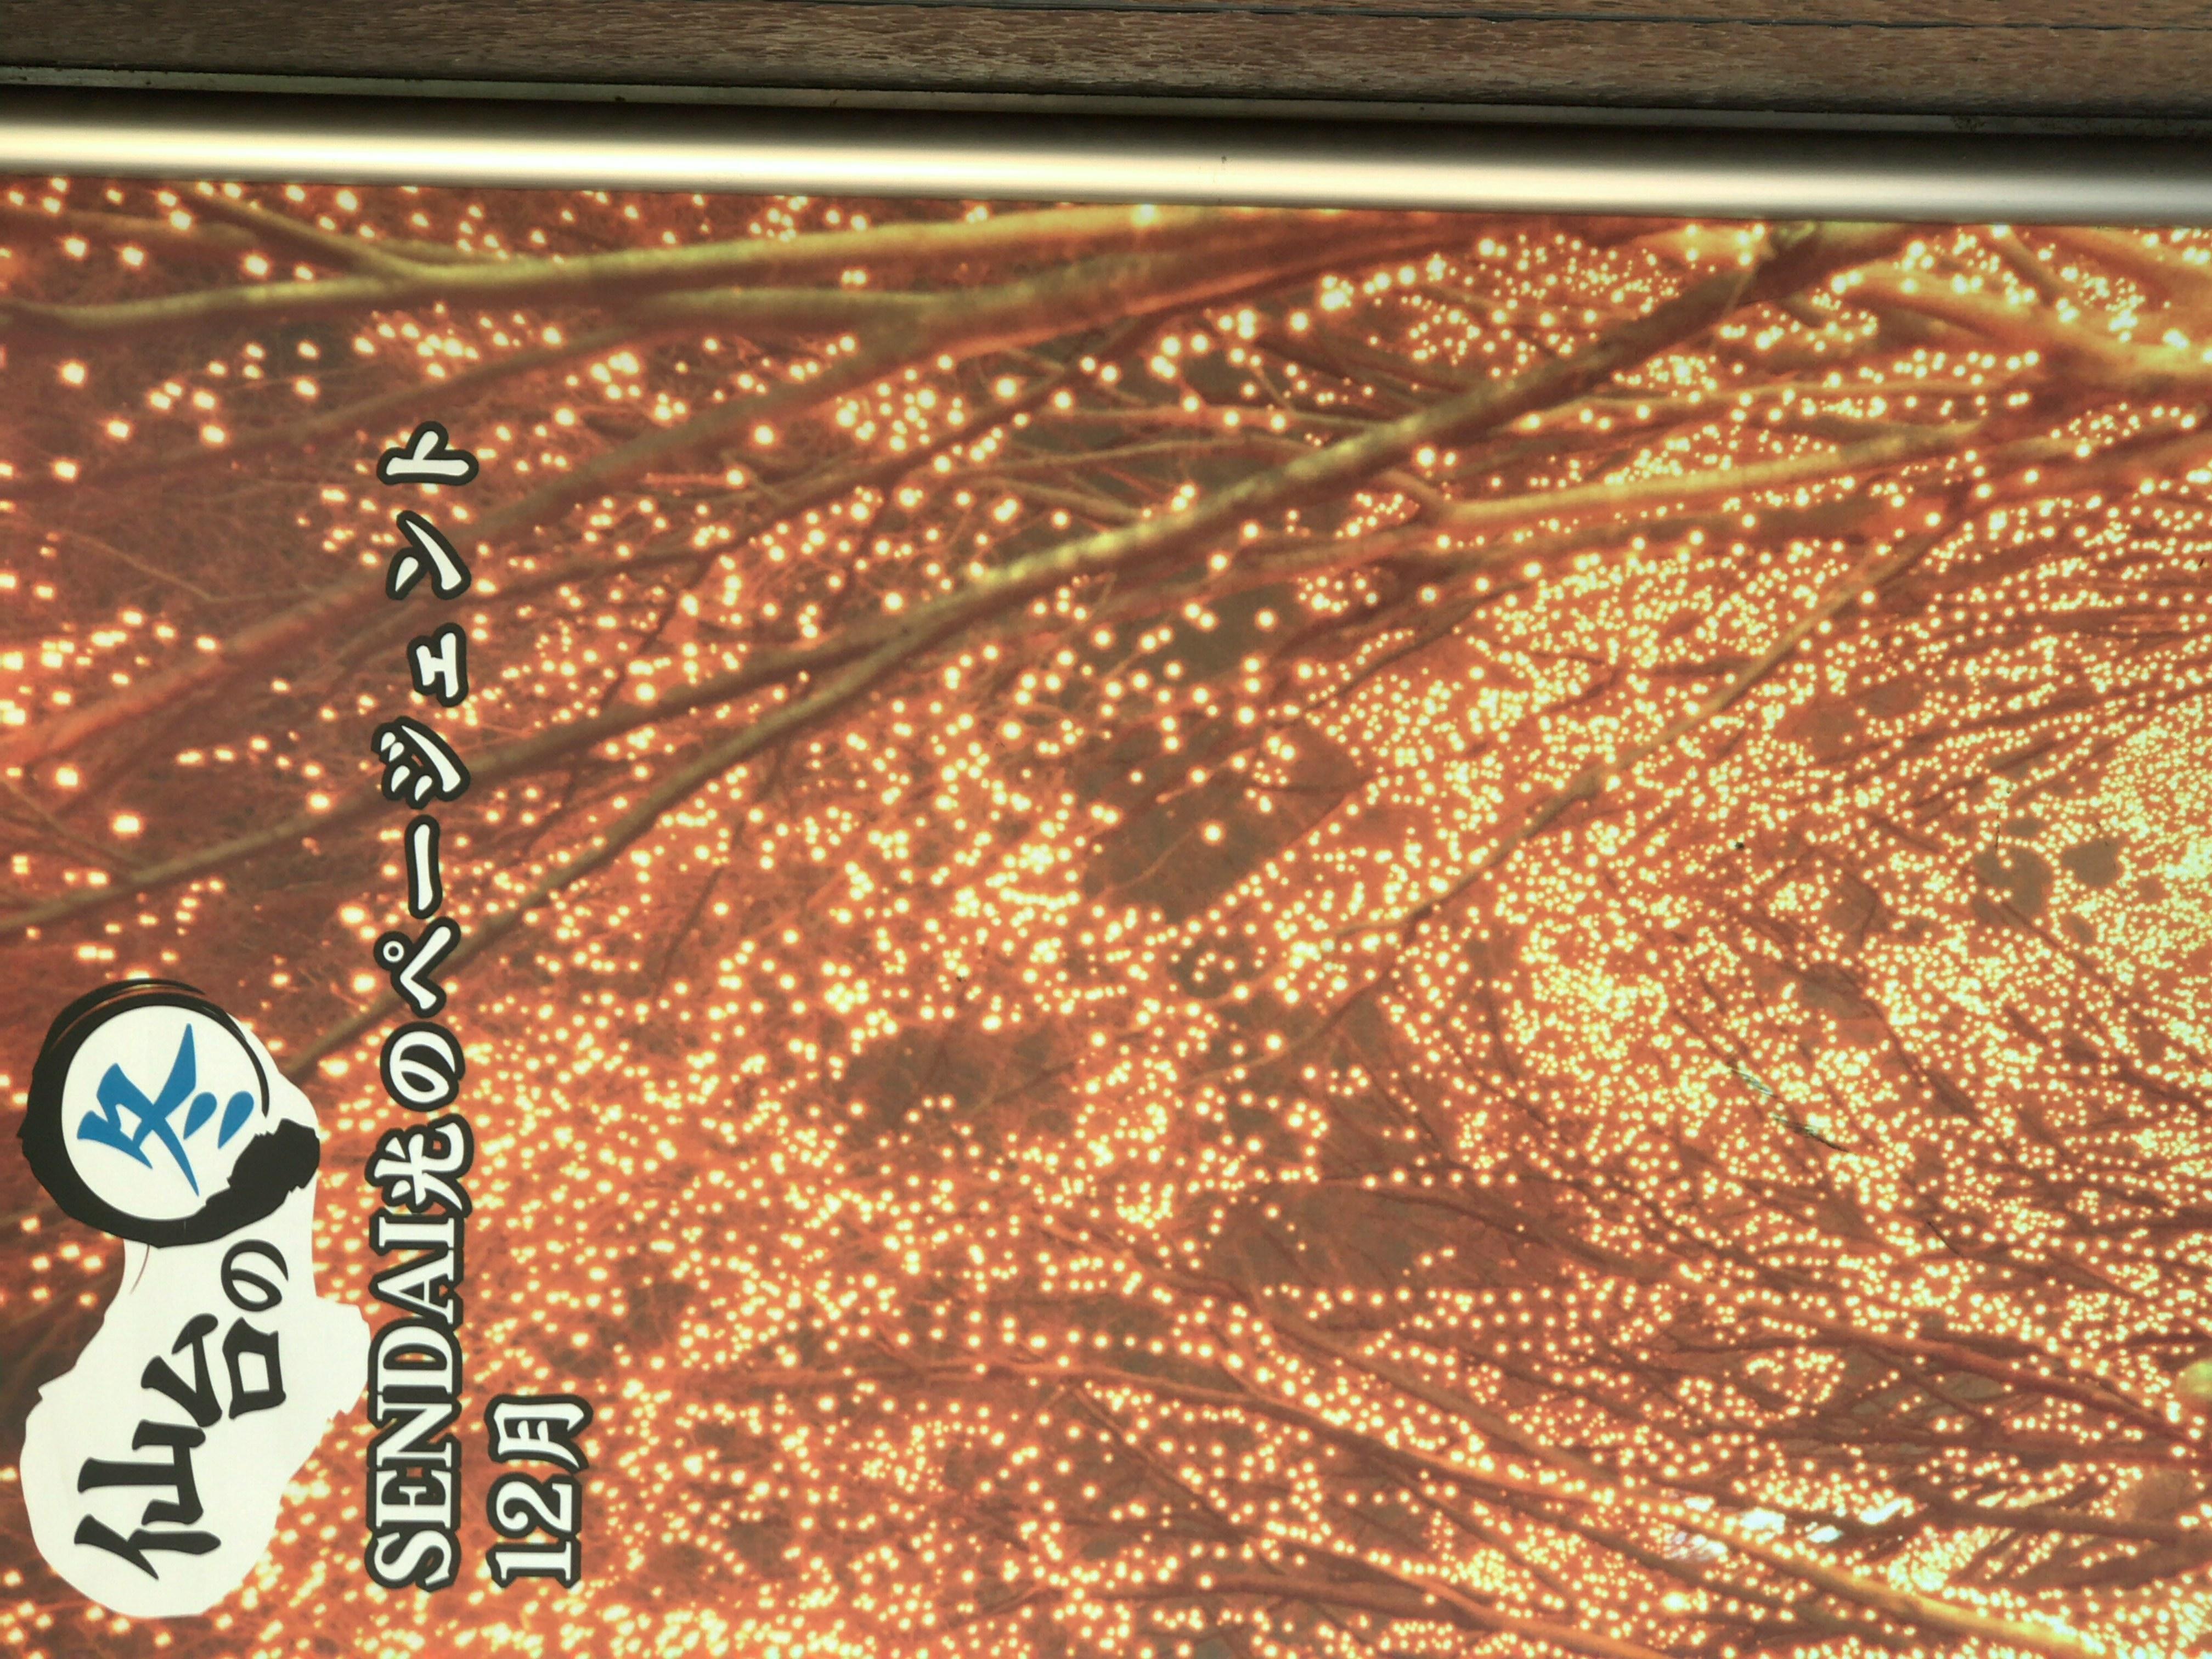 【新卒ブログ】私用があり地元に帰ってきている中、ブログを書いています。……とても寒いです???????(川島)